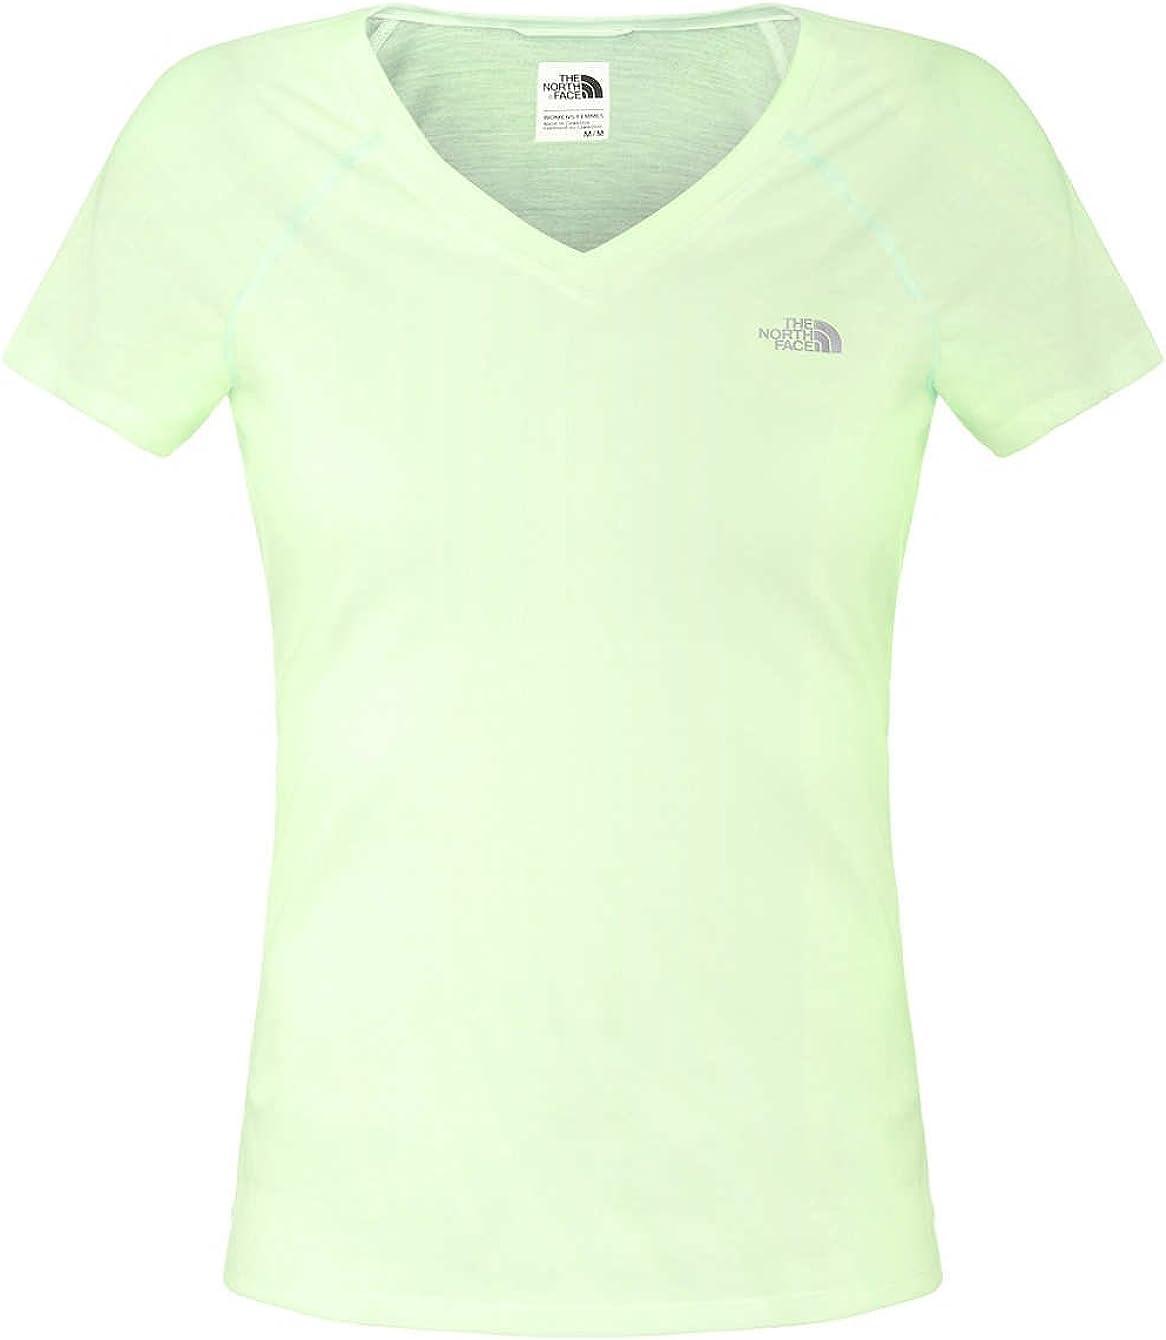 The North Face - Camiseta térmica - para mujer Verde Paradise Green XL: Amazon.es: Ropa y accesorios